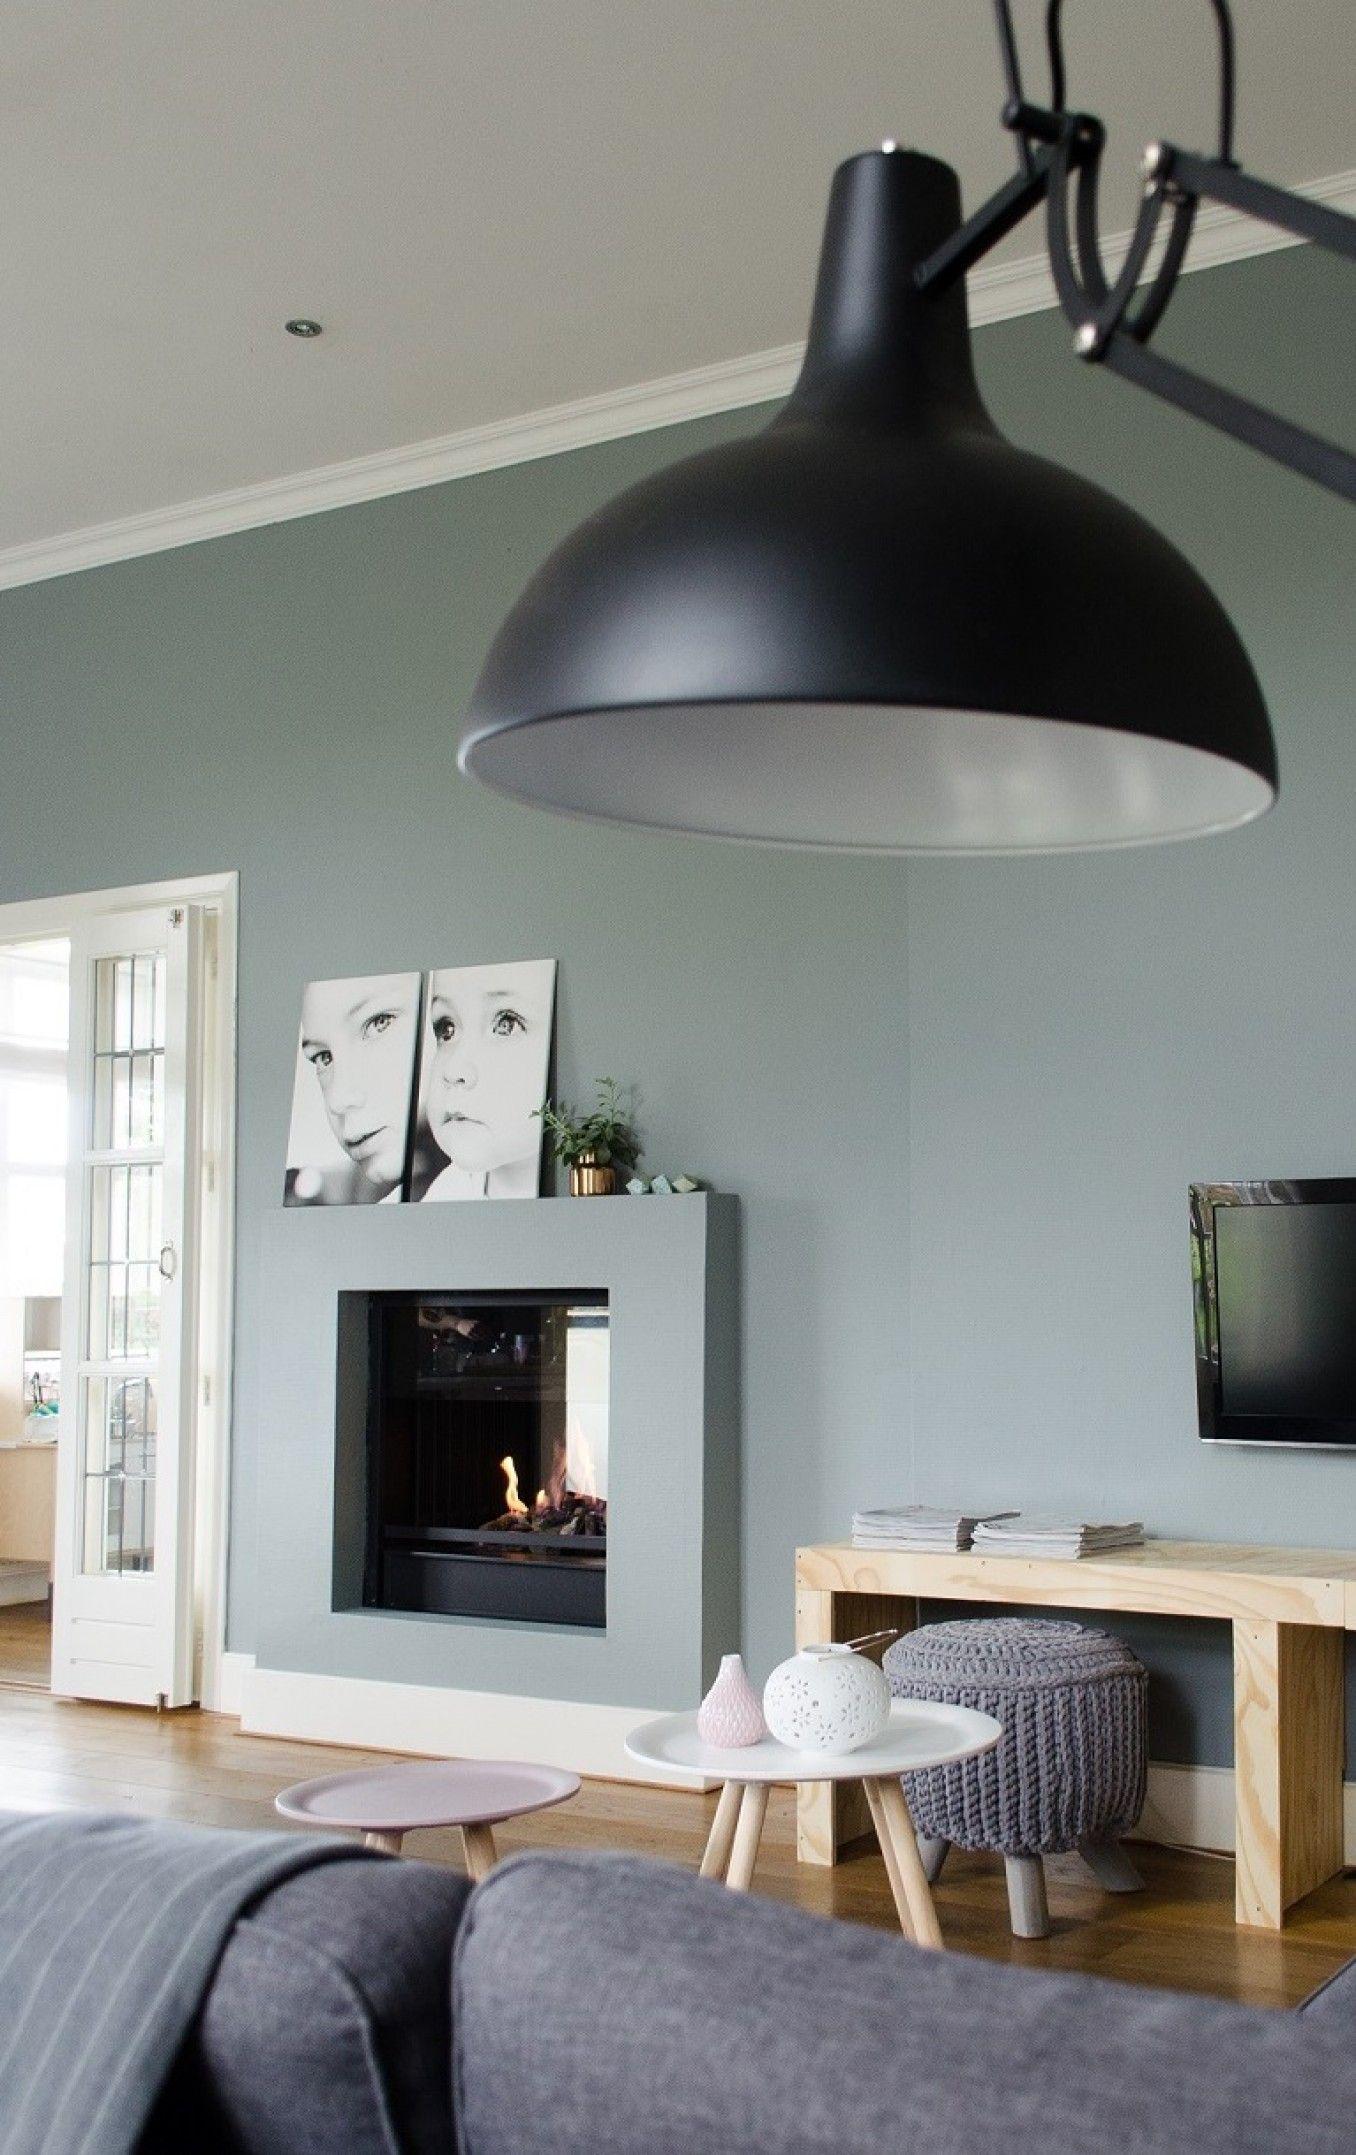 Kleur muur groen/grijs - Ideeën voor het huis | Pinterest - Haard ...